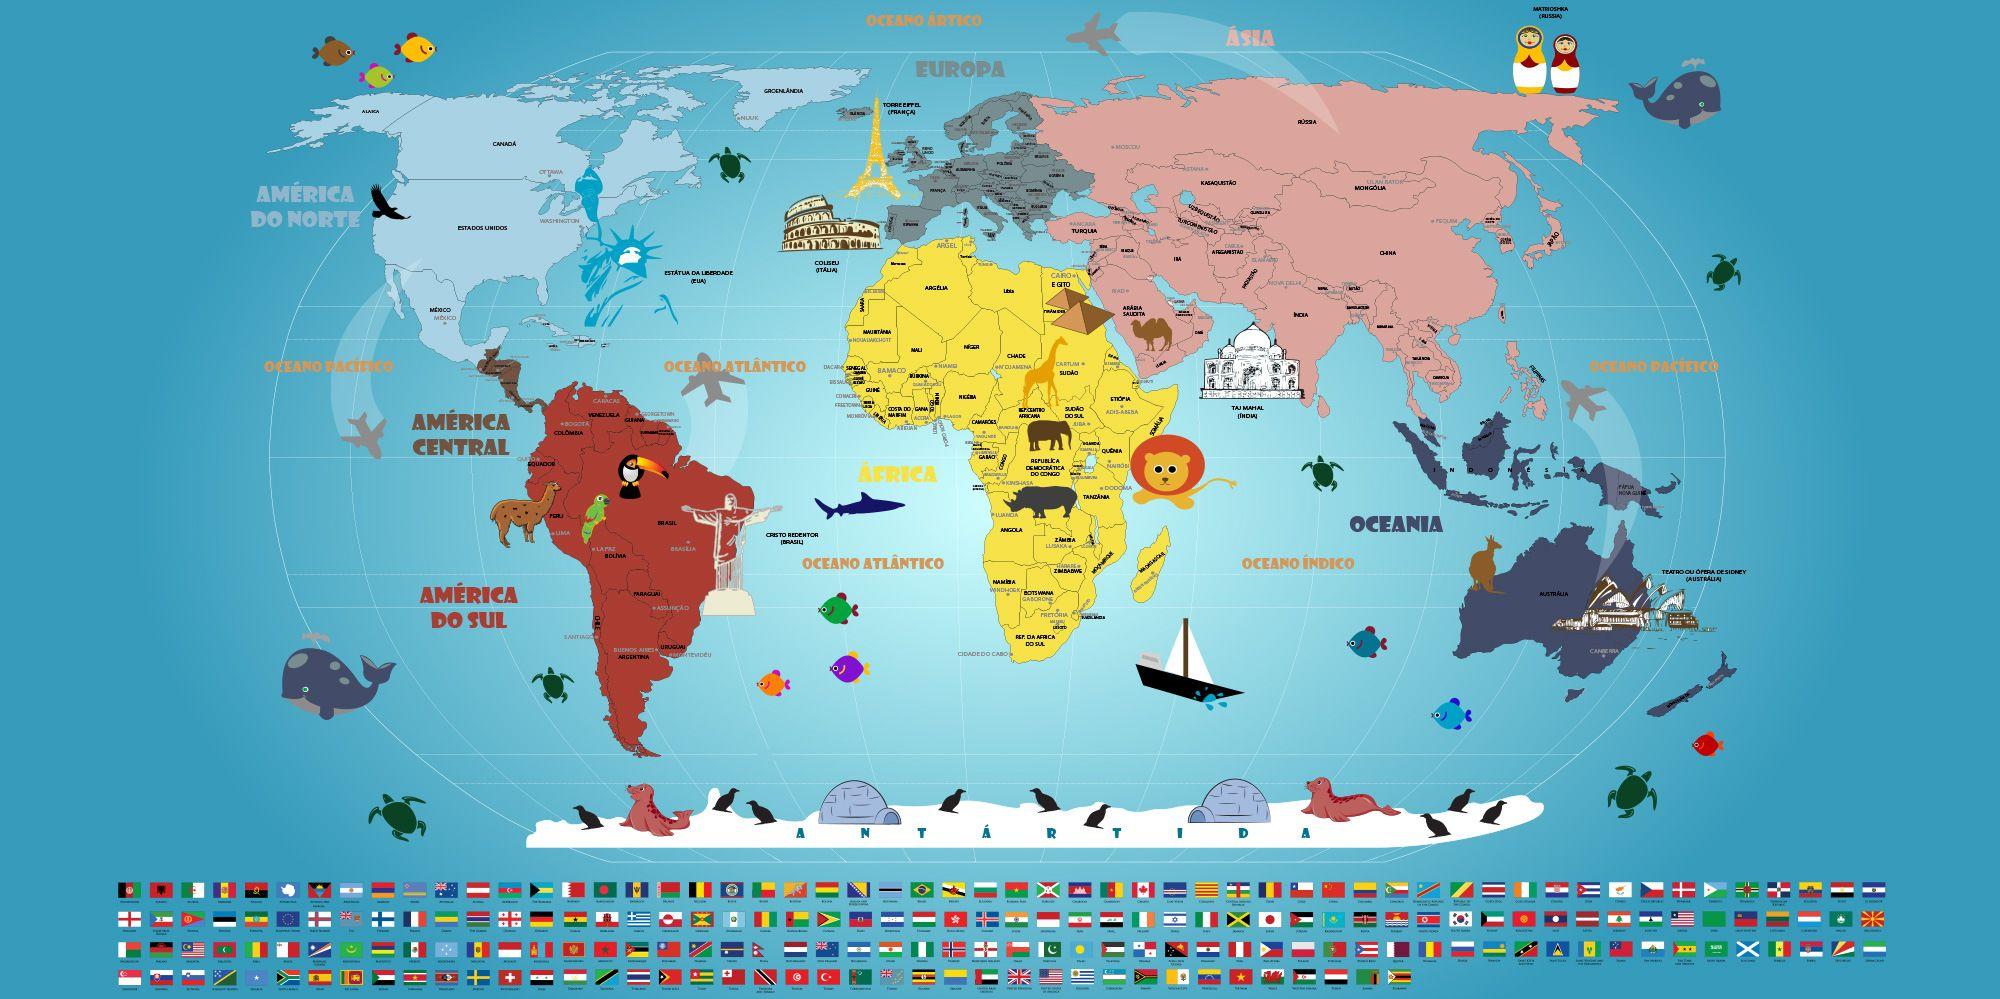 Mapa Mundi Infantil adesivo artisticamente ilustrado e bandeiras